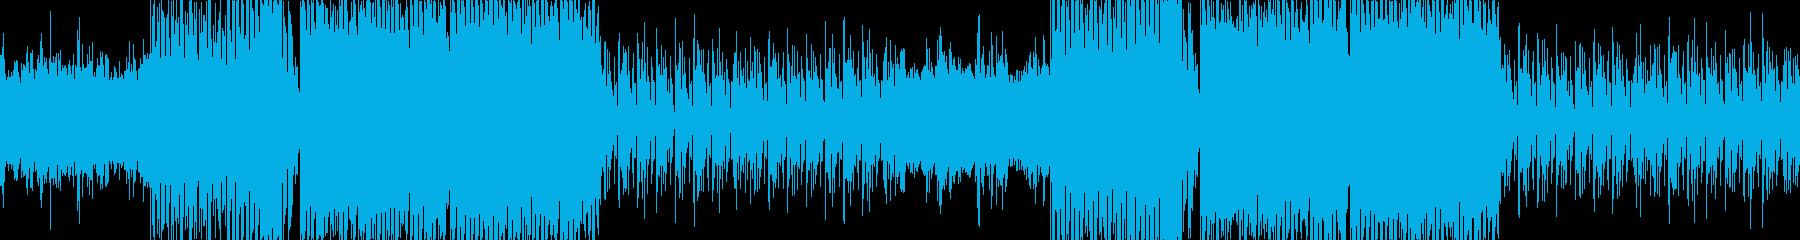 感動的・切ない・エンディング・EDMの再生済みの波形